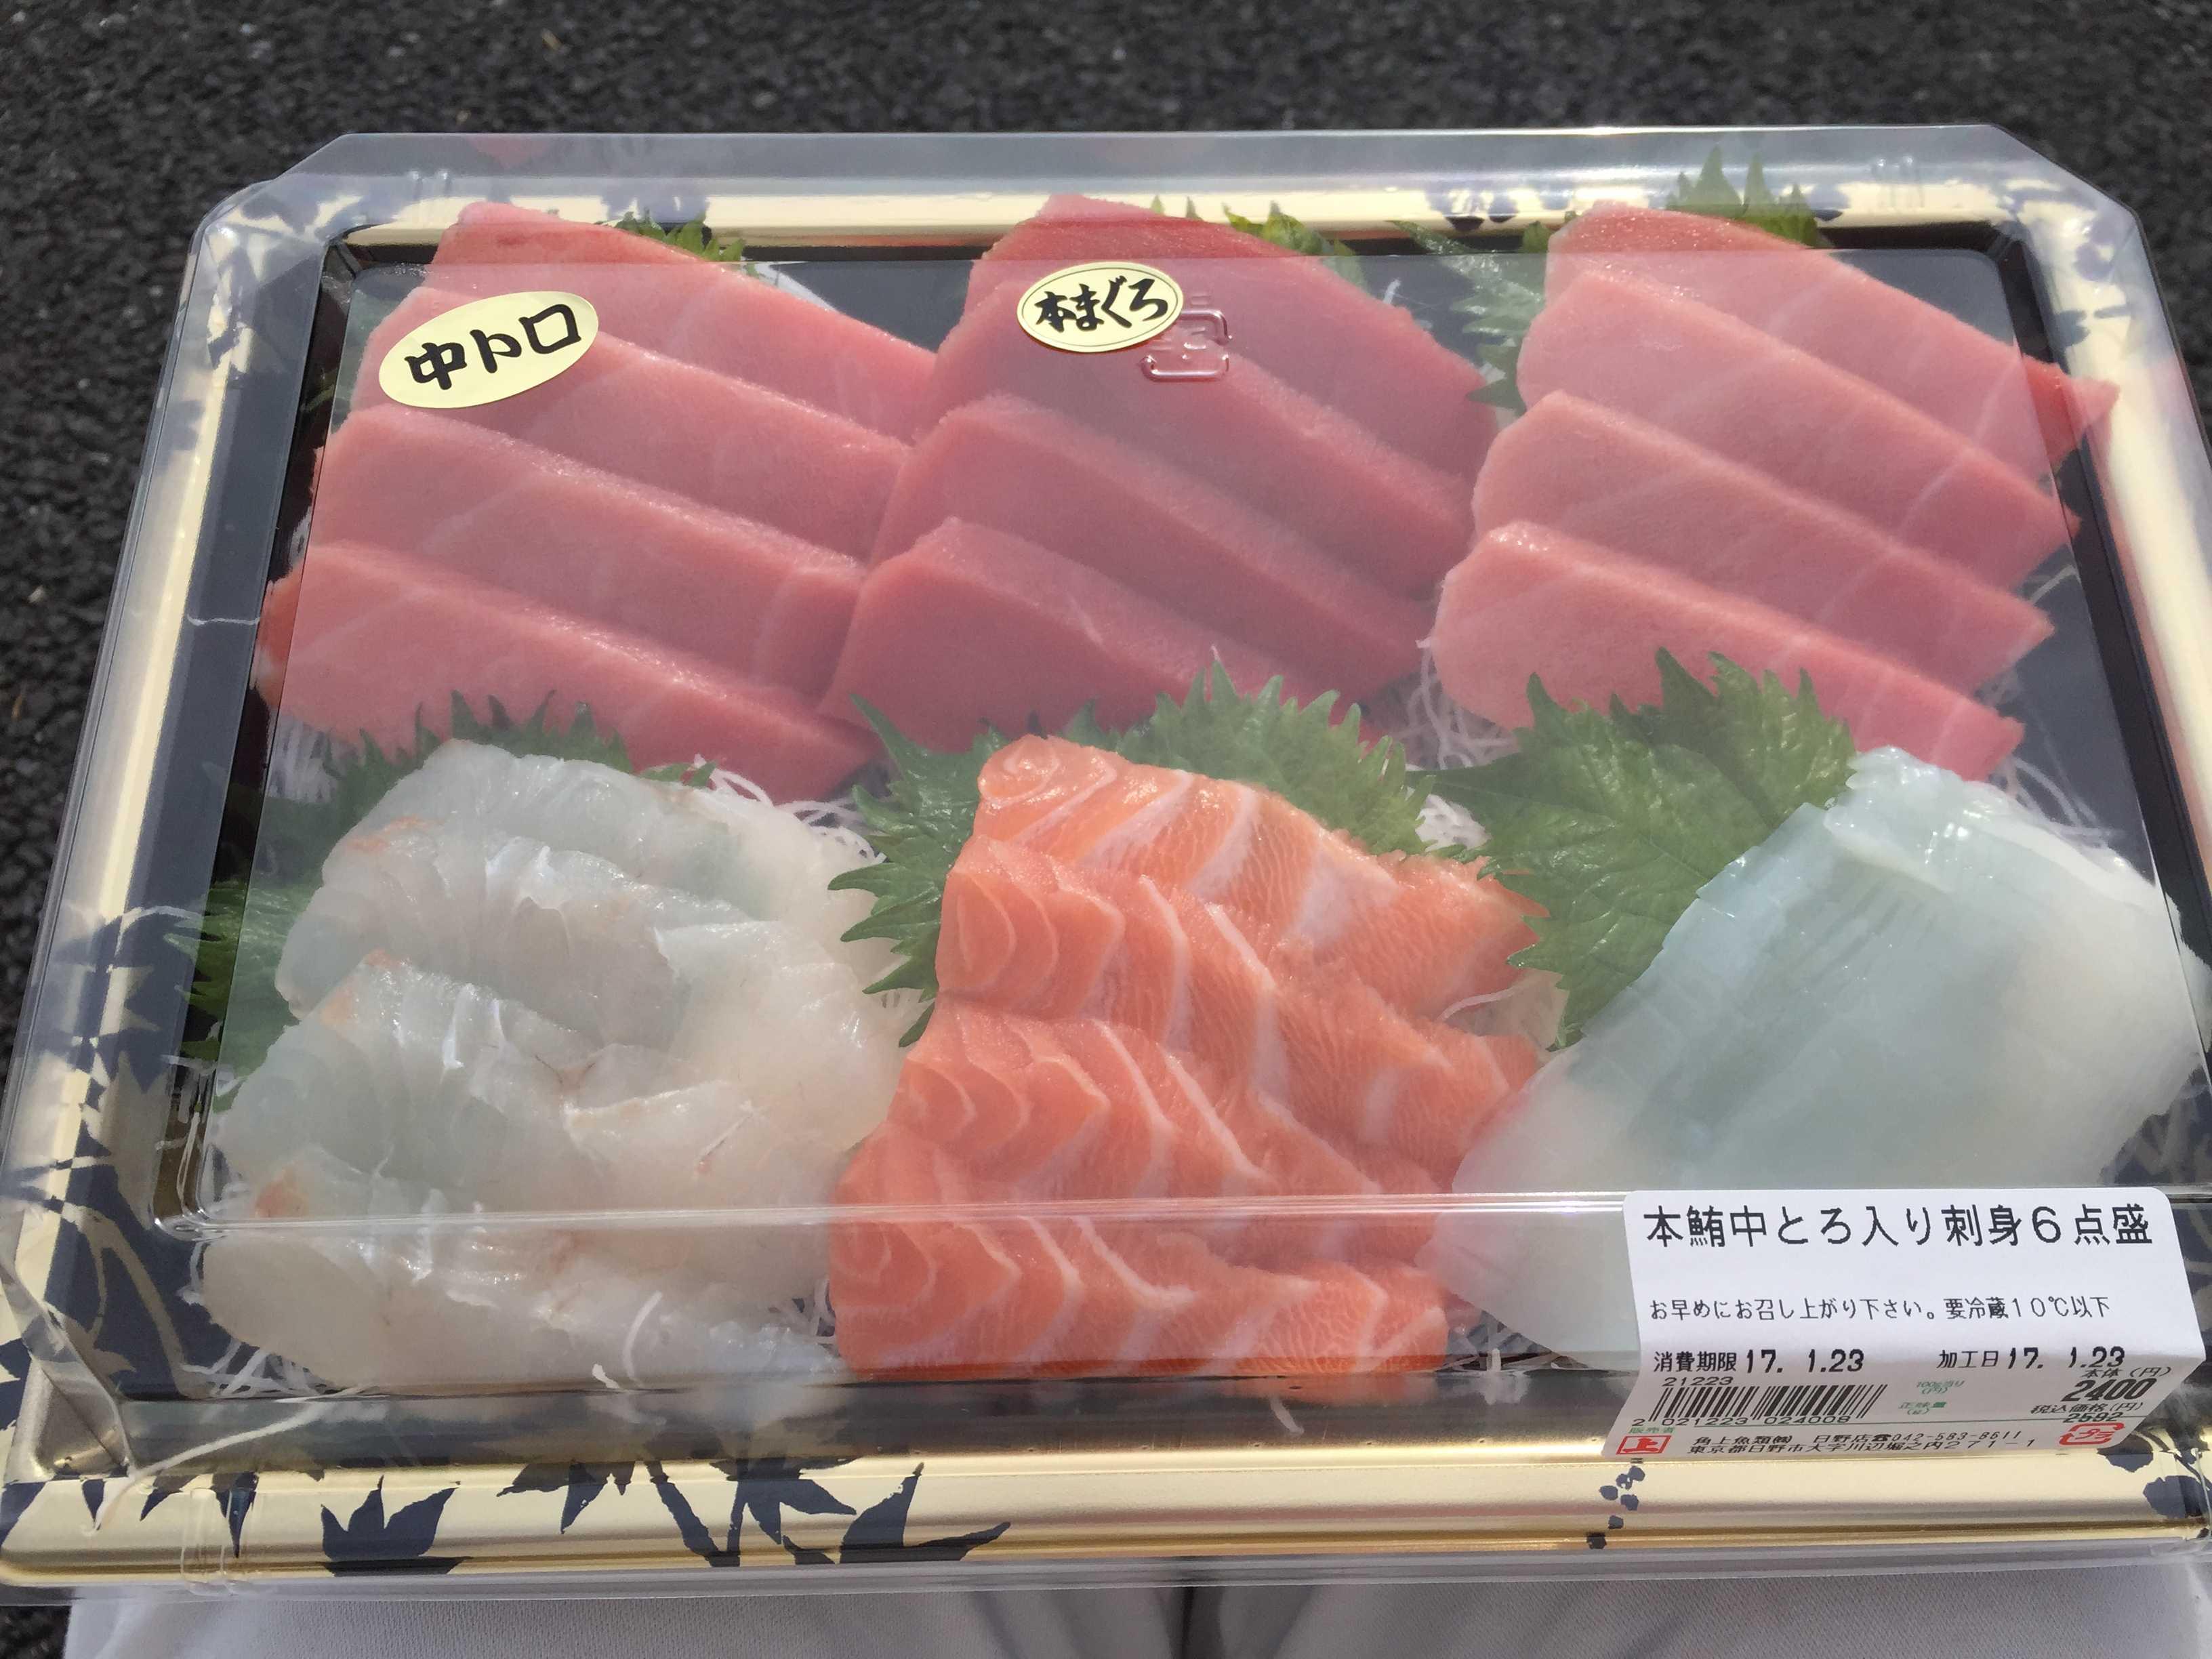 角上魚類日野店 - 本鮪とろ入り刺身6点盛